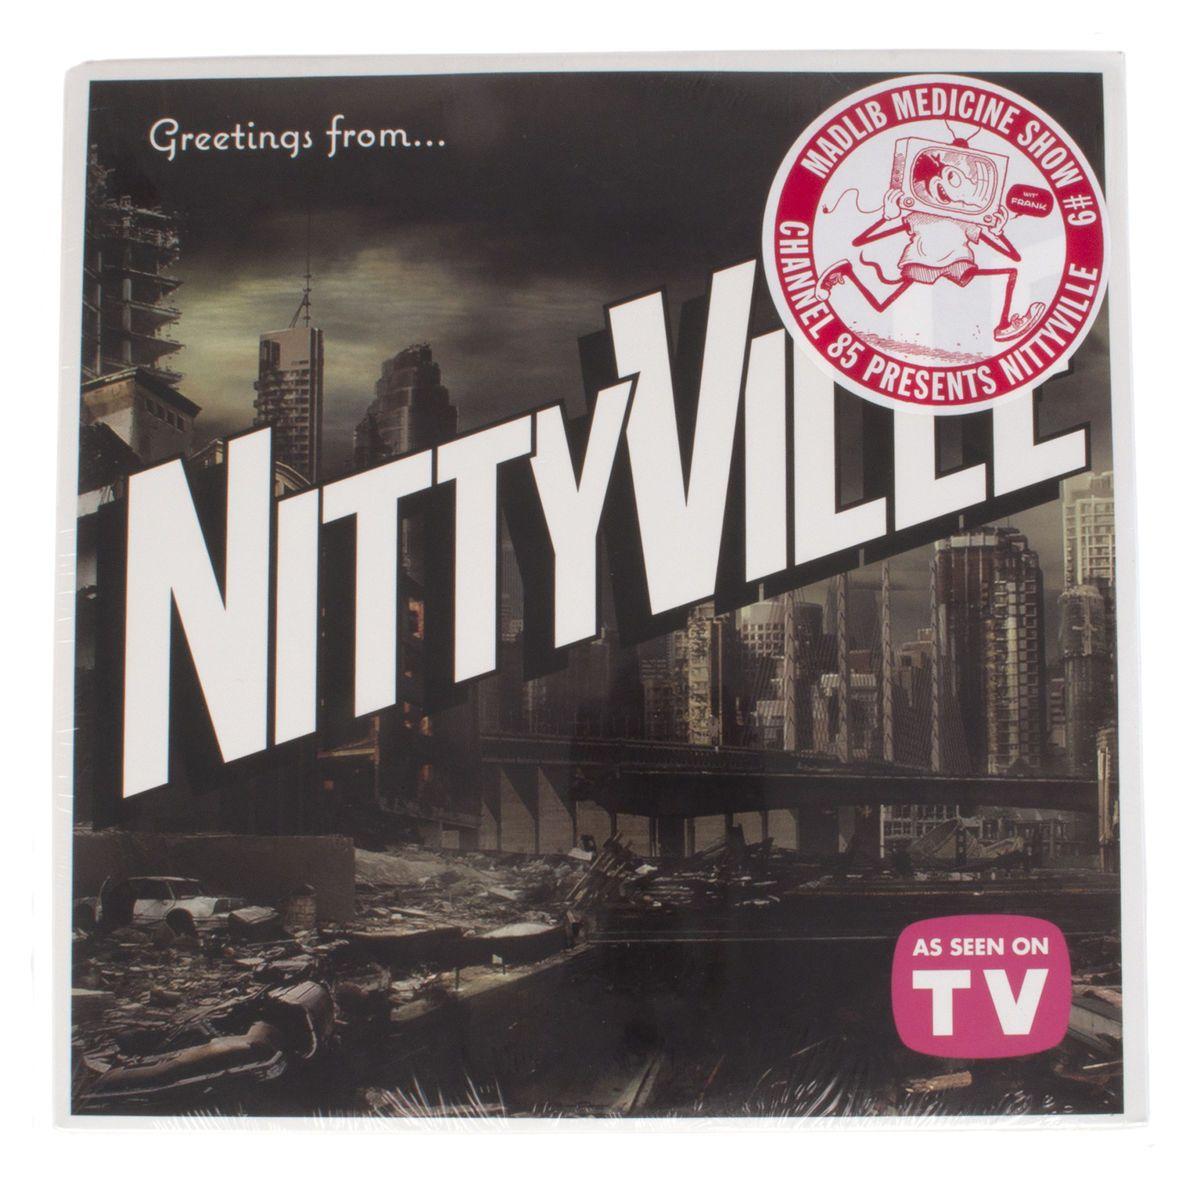 Nittyville